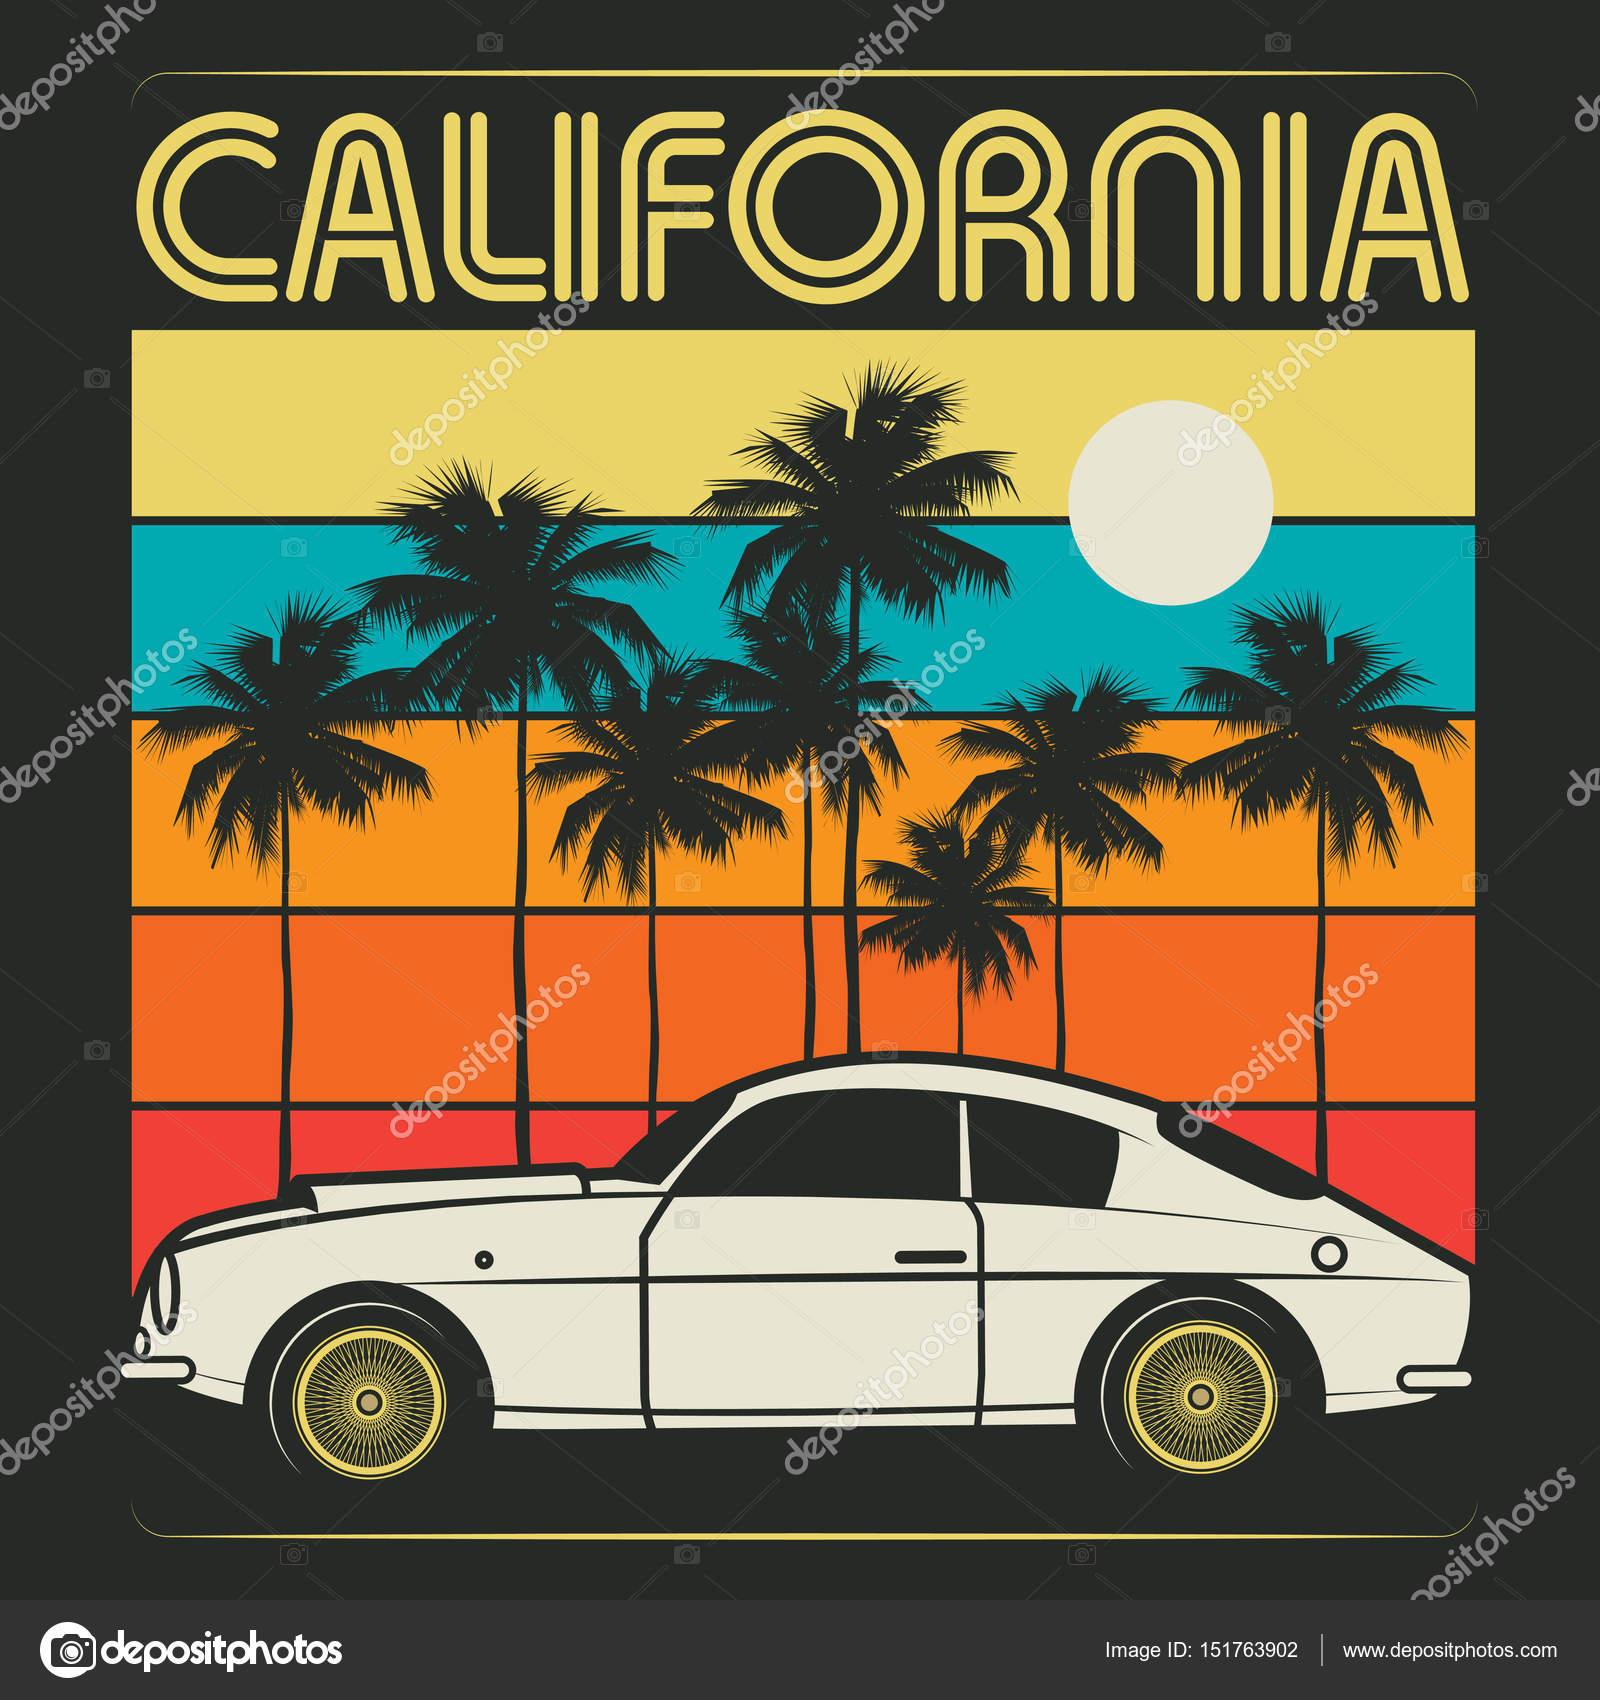 古いクラシックカー テキスト カリフォルニアのレトロなイラスト